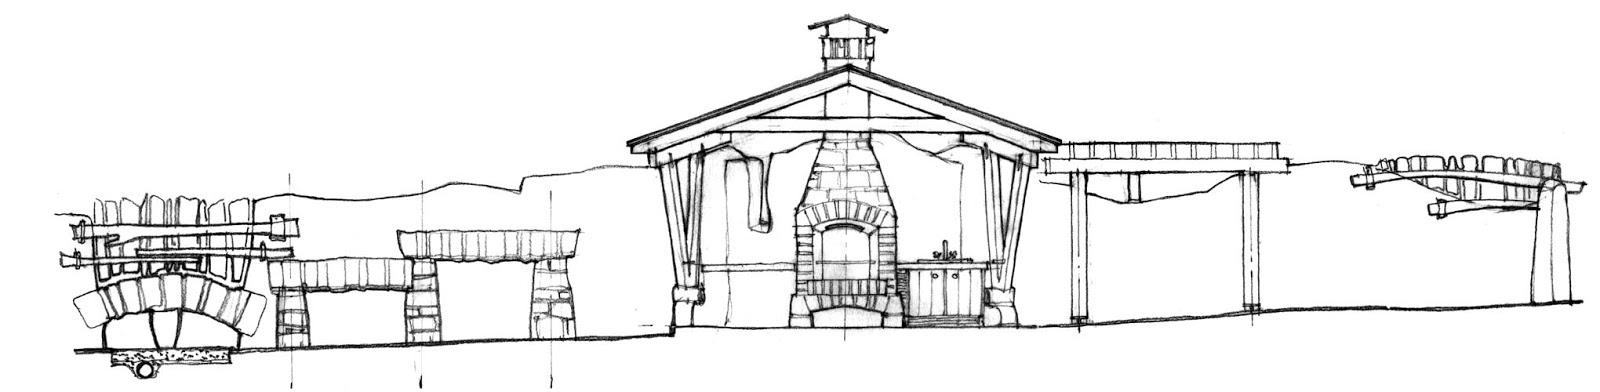 Фрагмент огорожі зі сторони будинку. Вигляд на барбекю